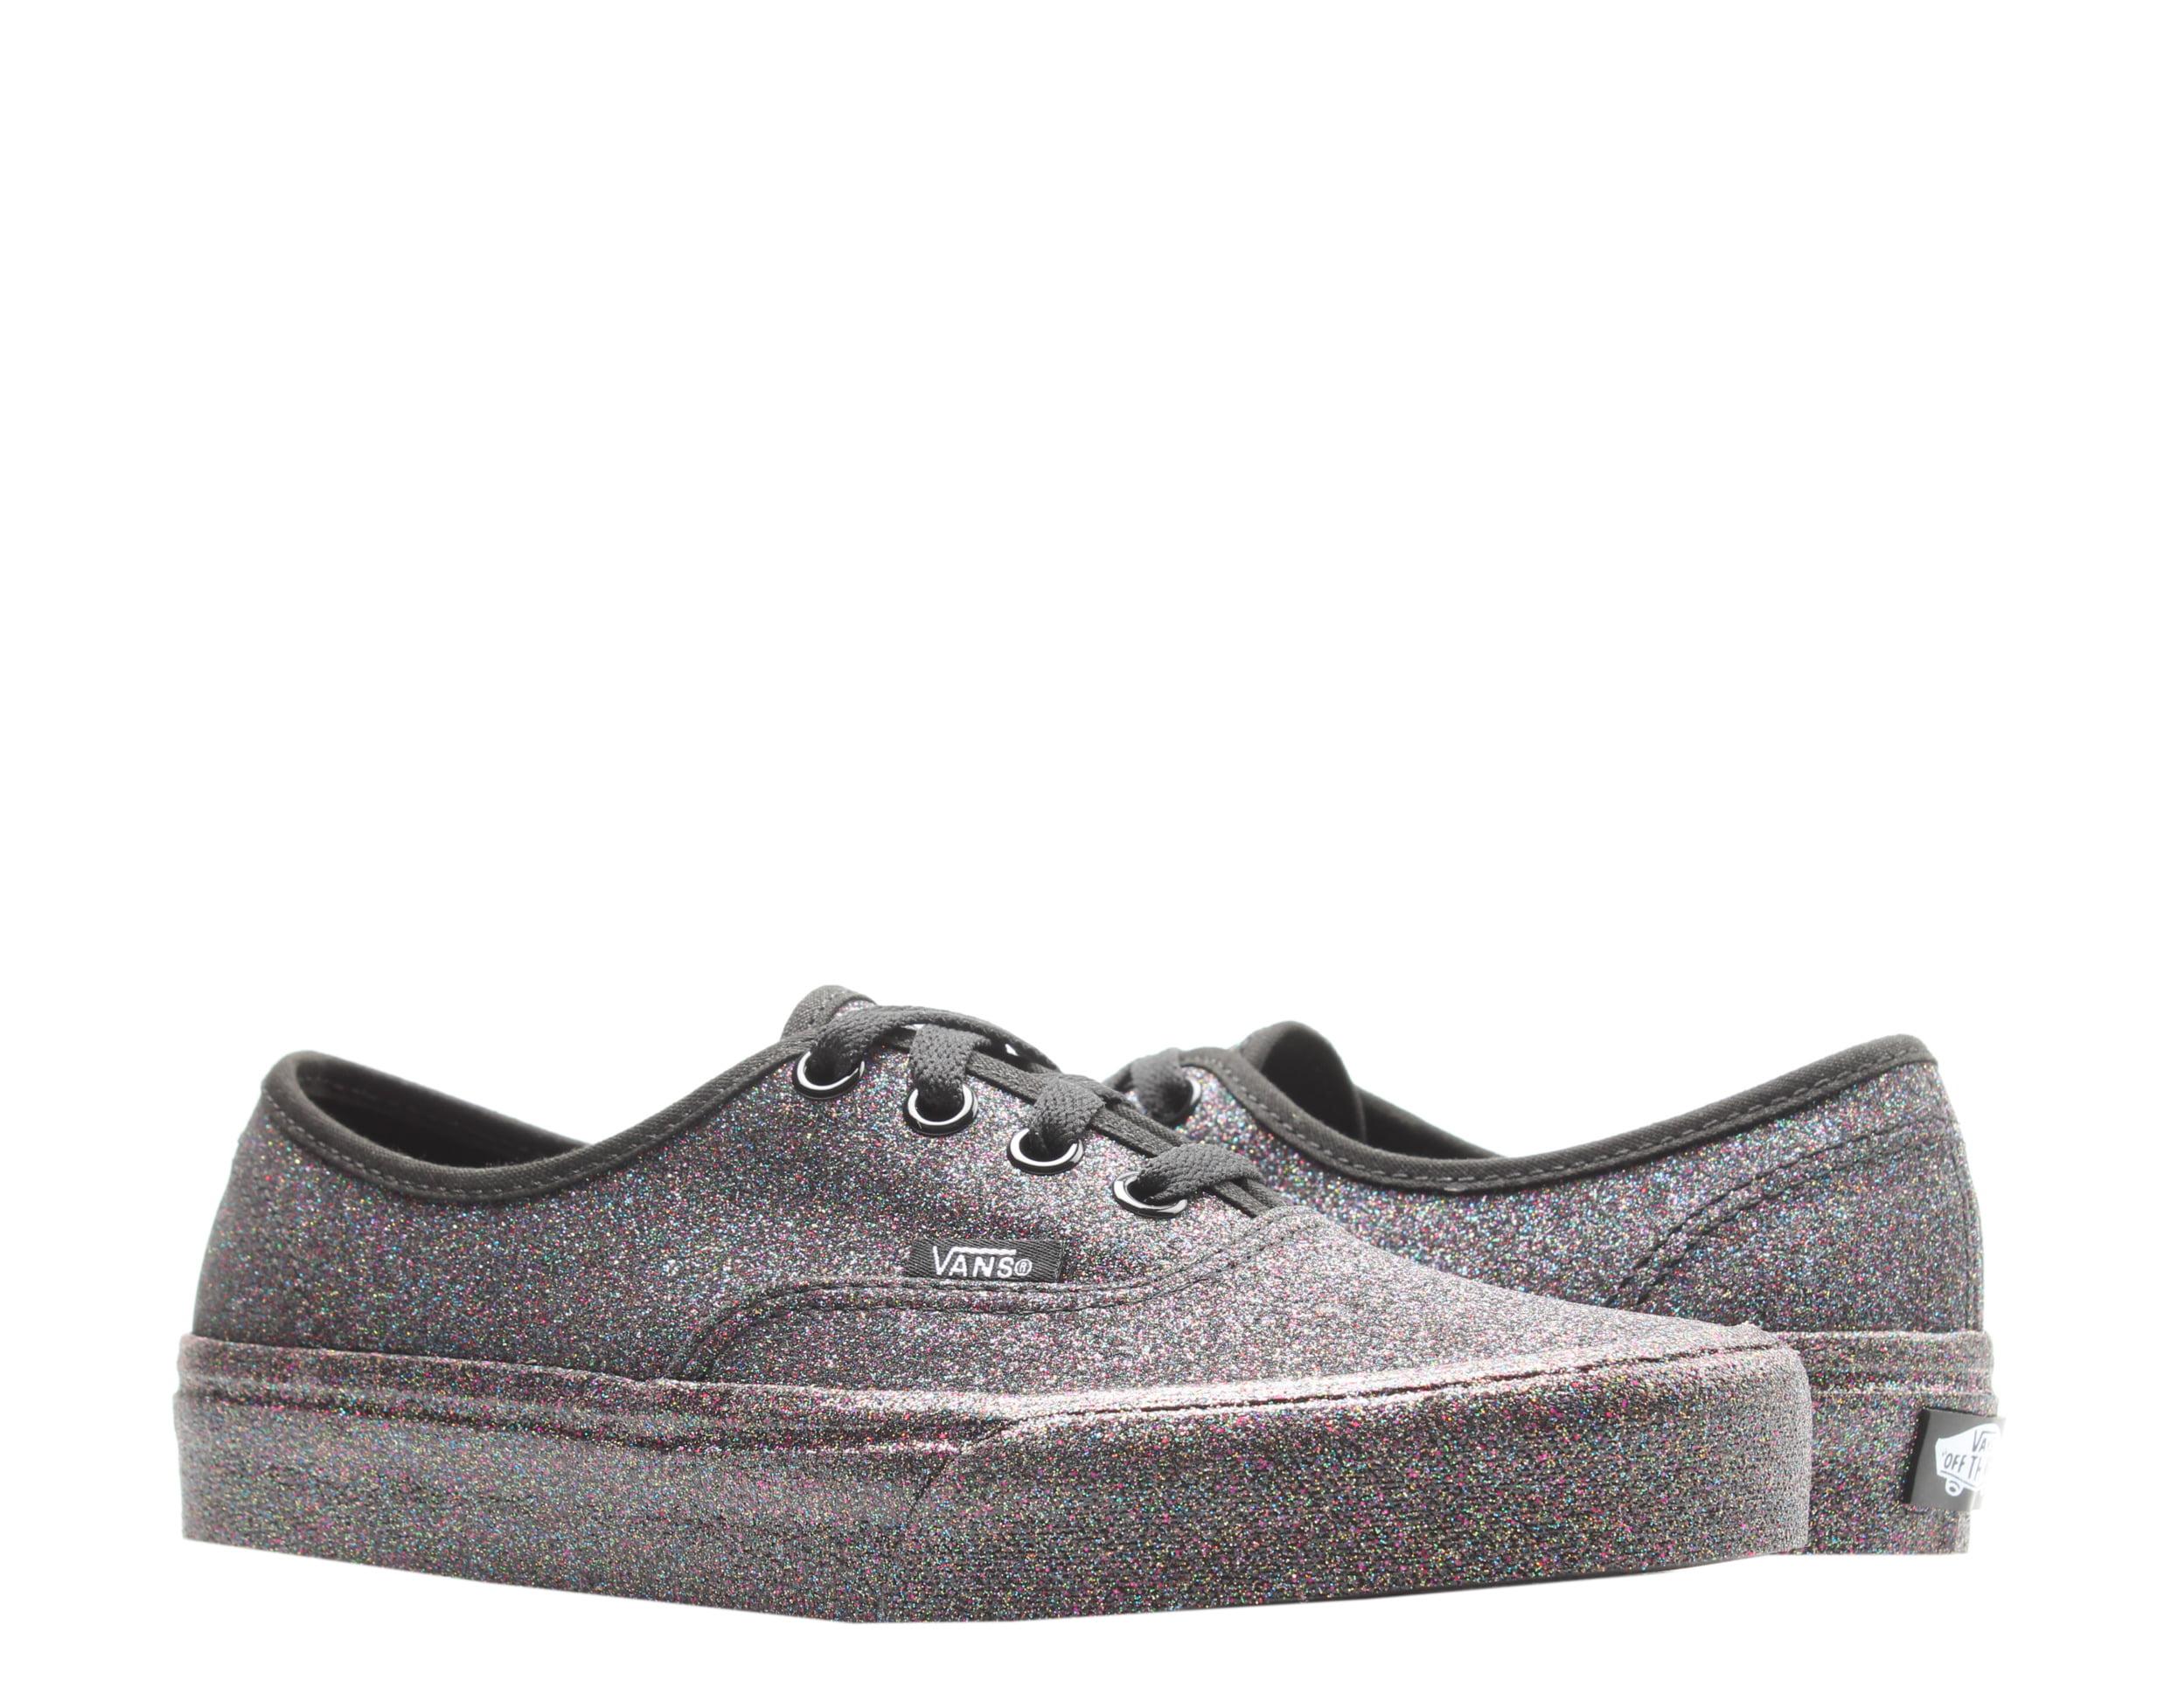 Vans Authentic Rainbow Glitter Low Top Sneakers Size 4.5 - Walmart.com